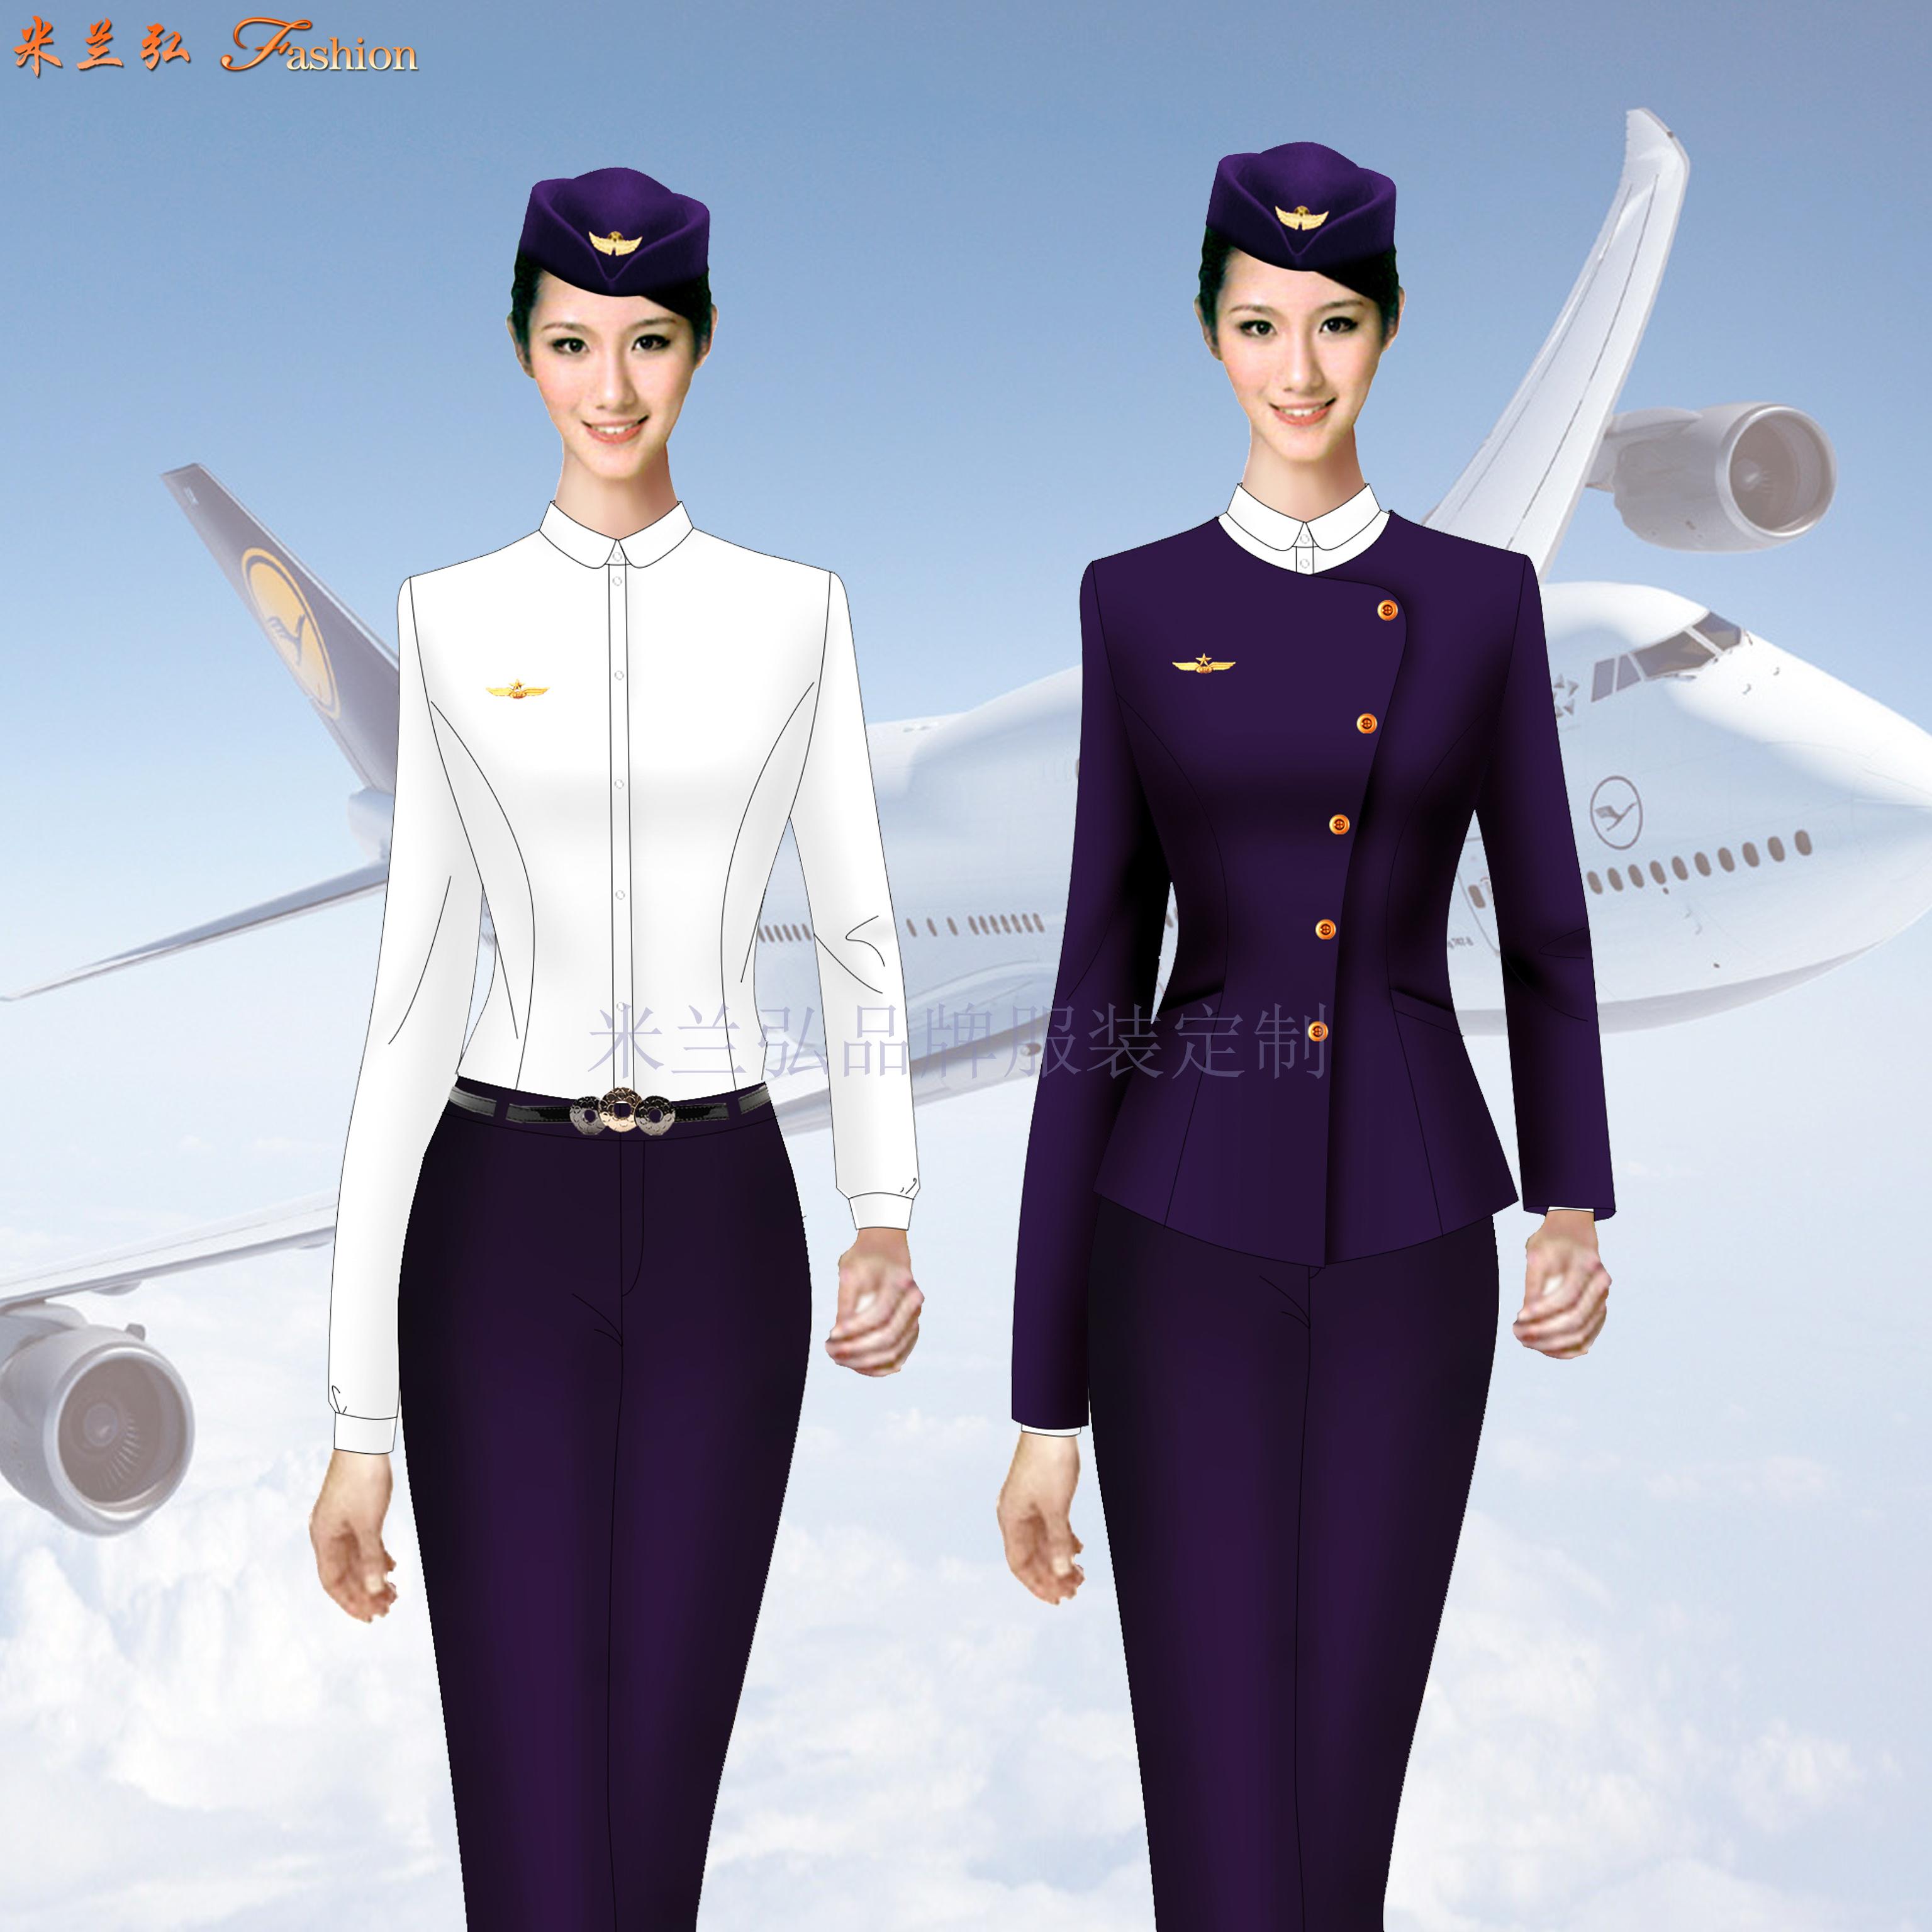 江西机场地勤服装-机场职业装定制-米兰弘服装-3